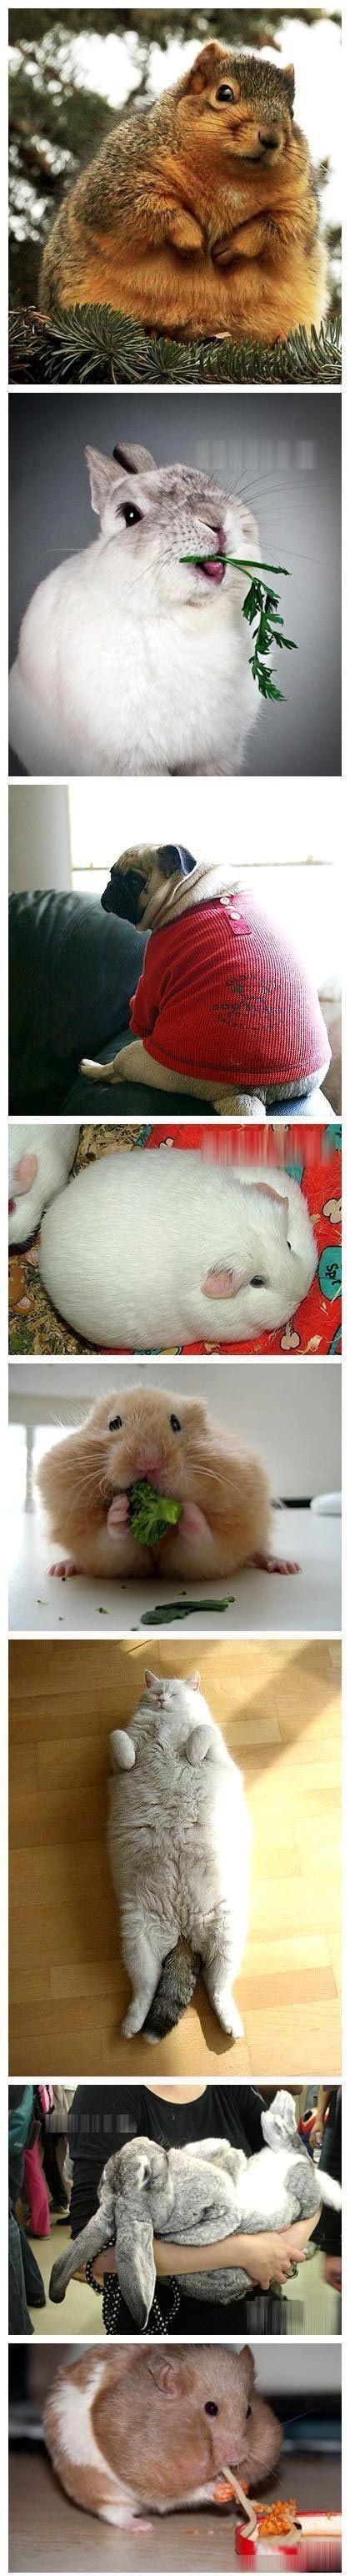 原来胖子遍布各个物种